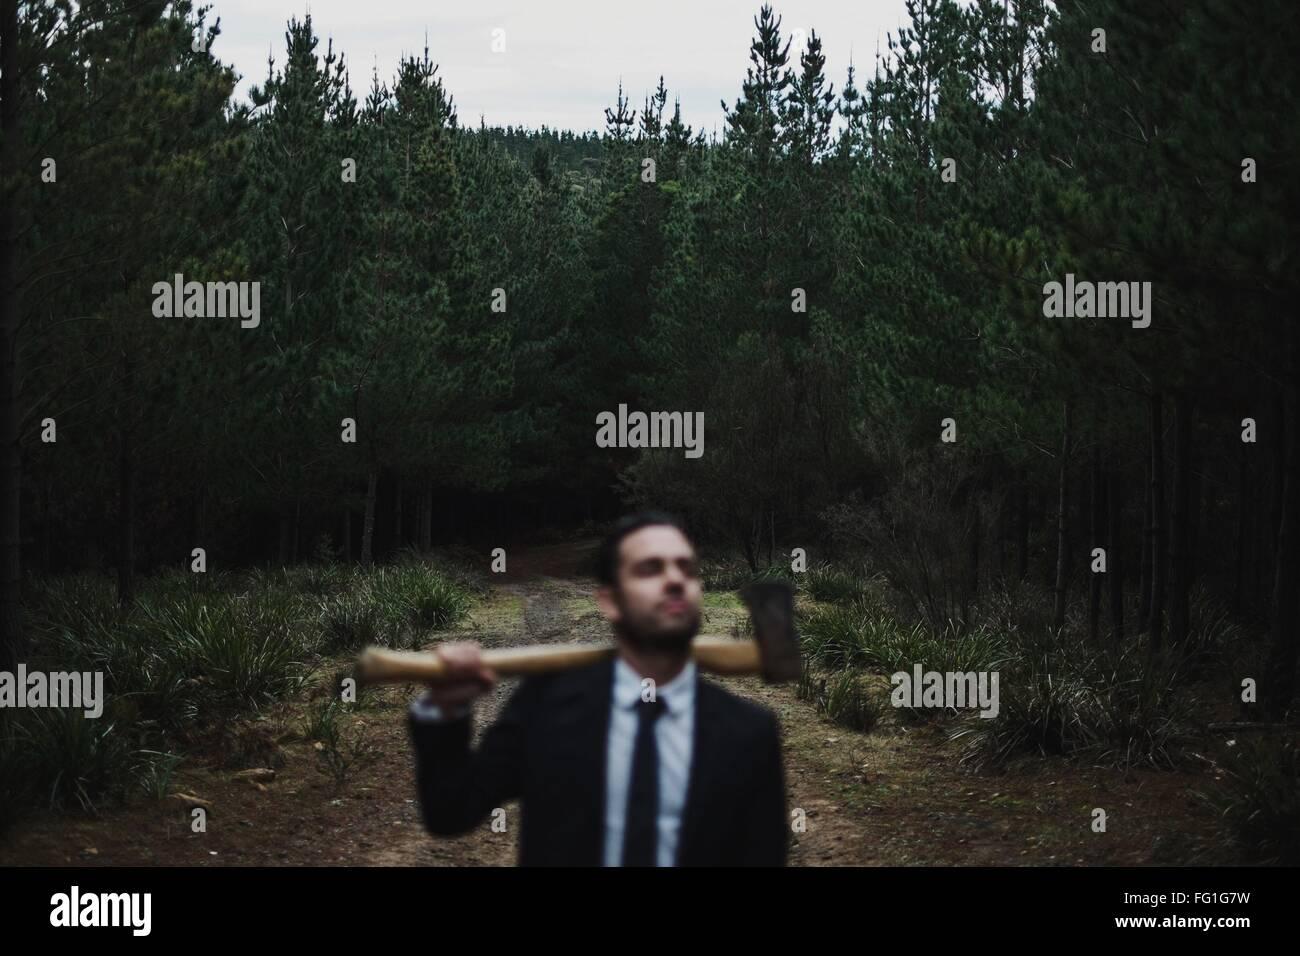 Uomo in tuta Holding Ax nella foresta Immagini Stock